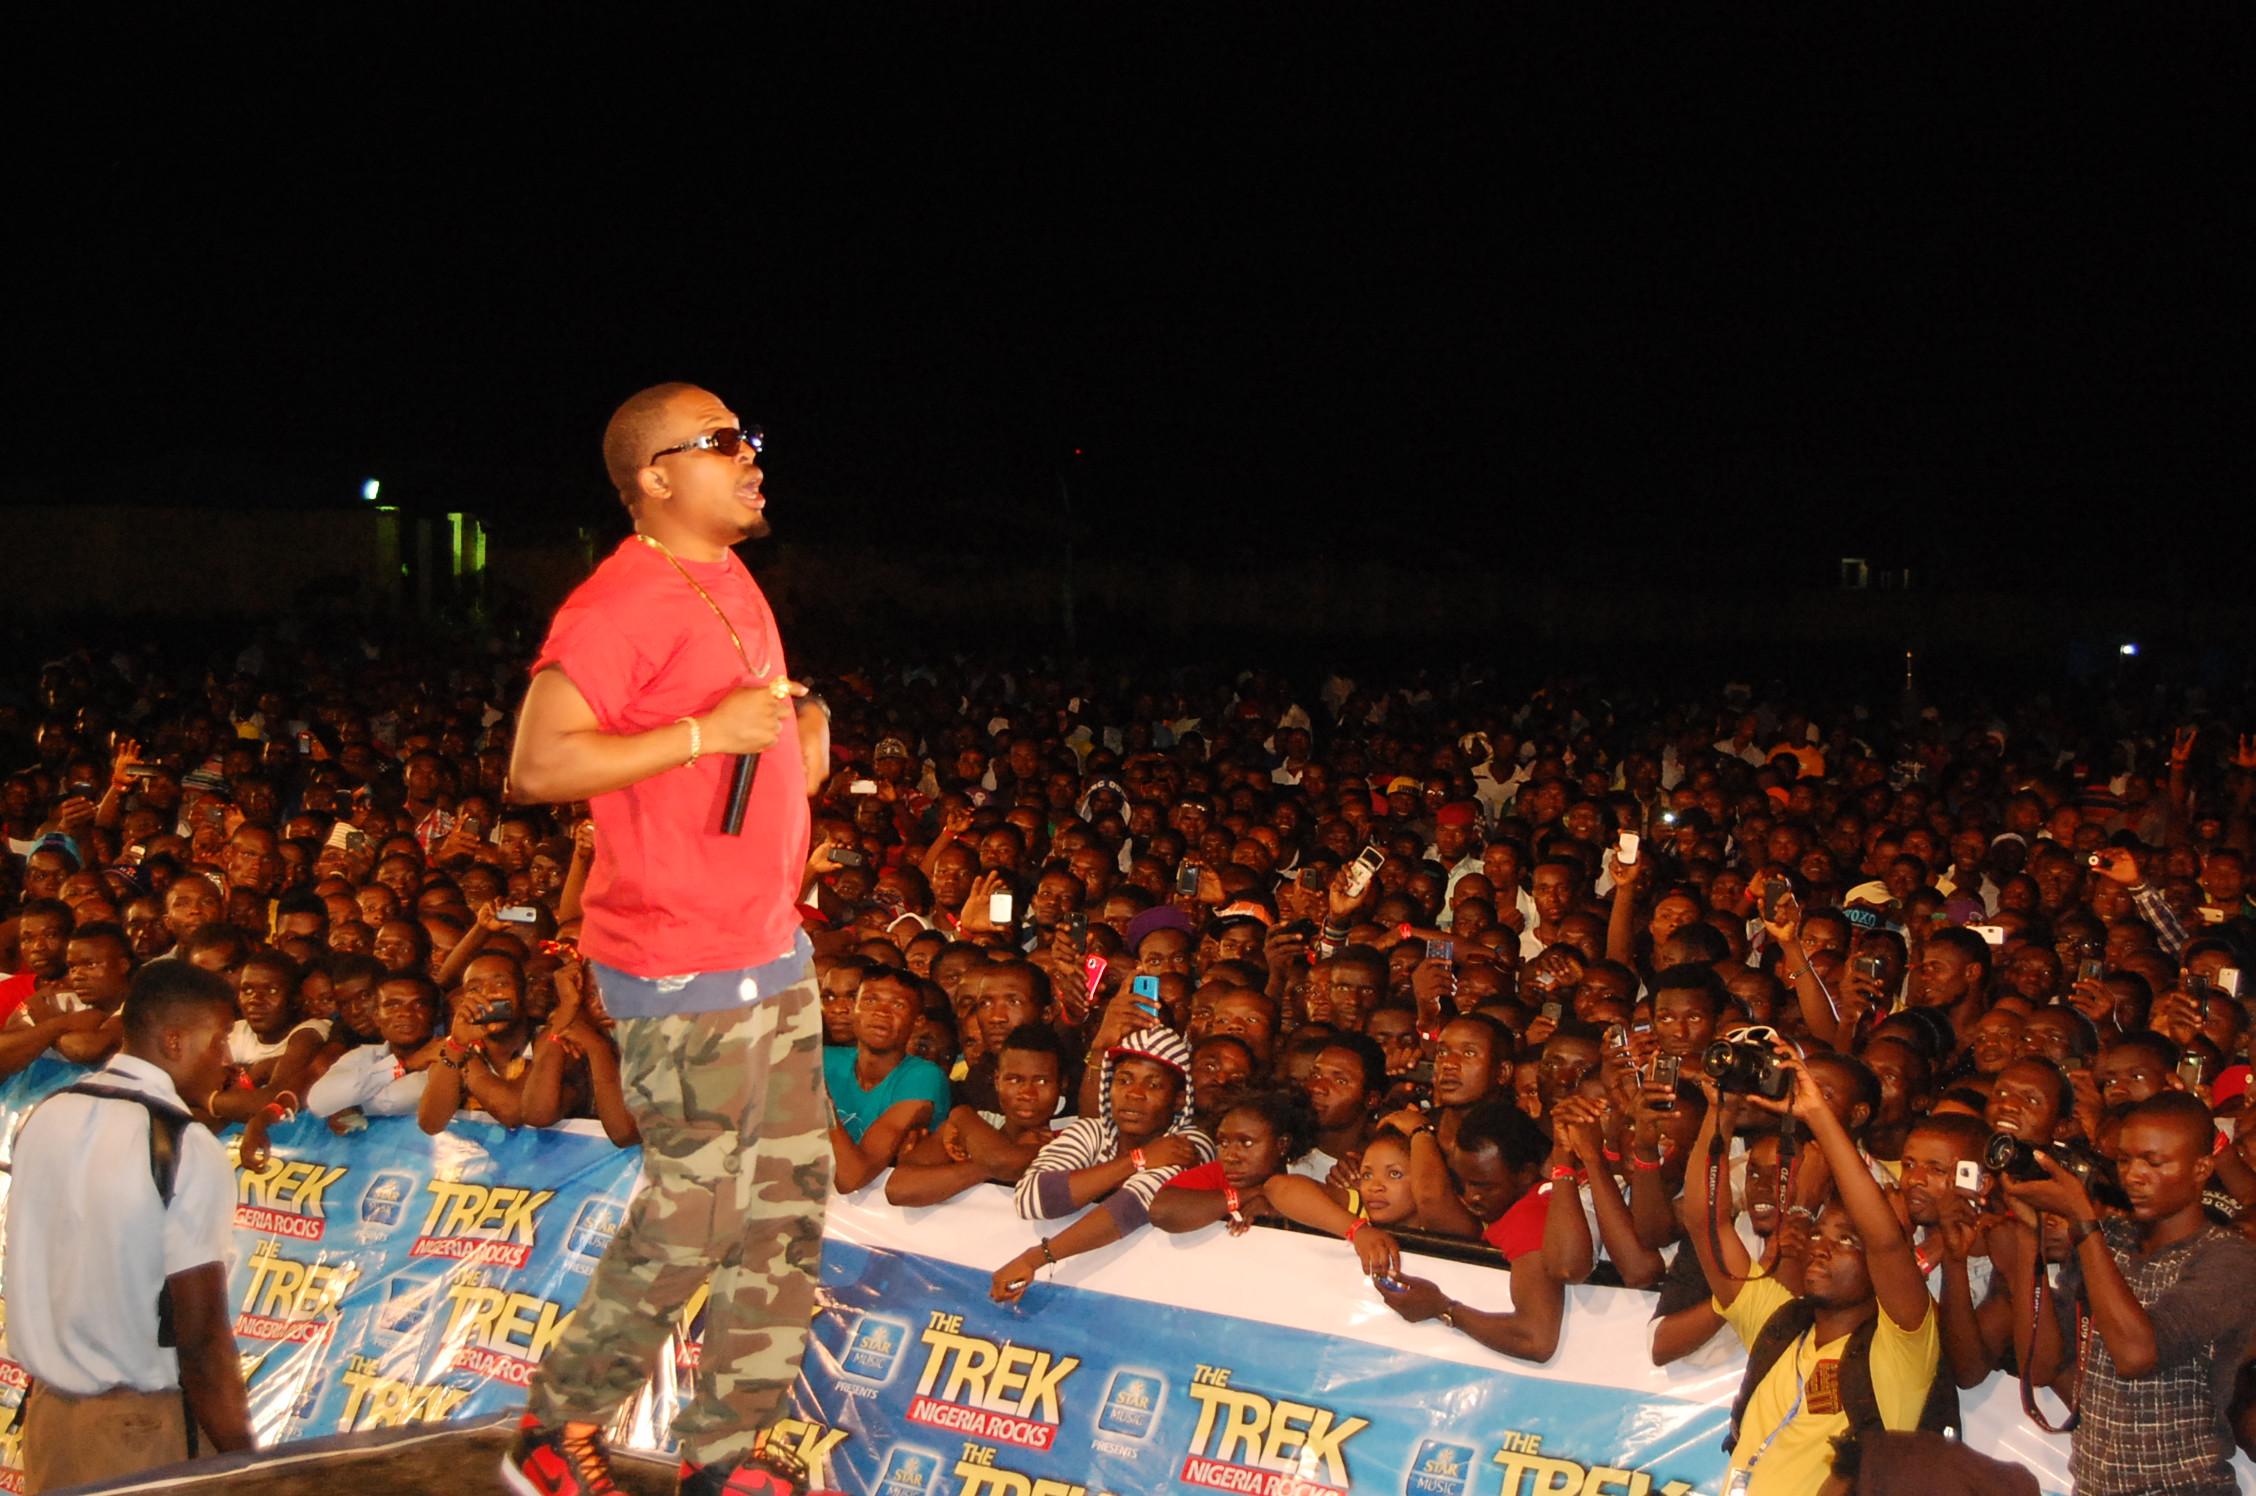 MI, Naeto C, Dr SID, Celebrate Lokoja Fans At Star Music Trek 2013